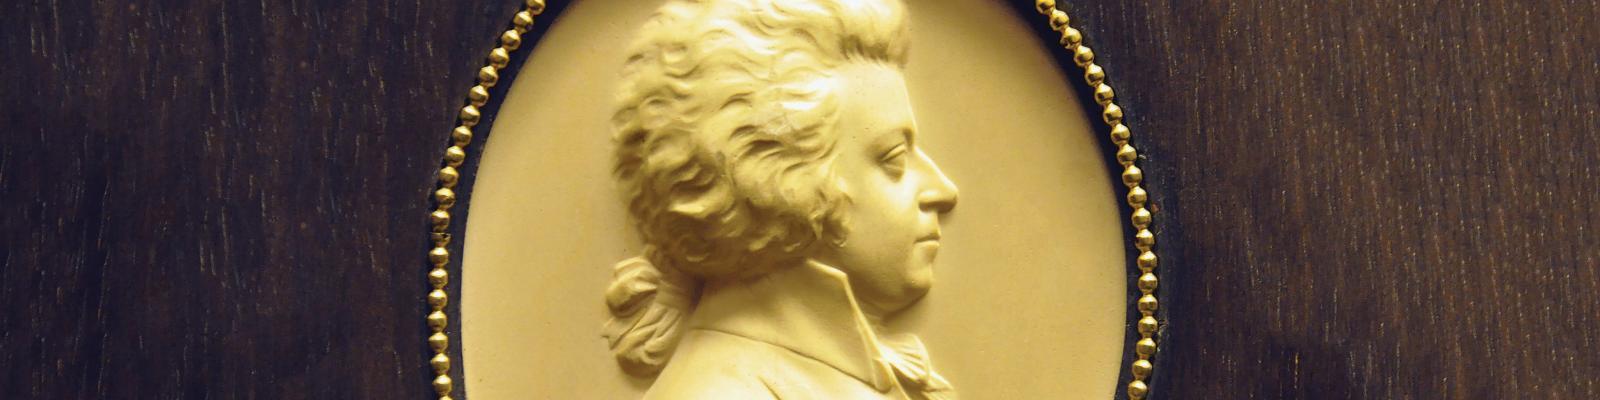 Mozart bust